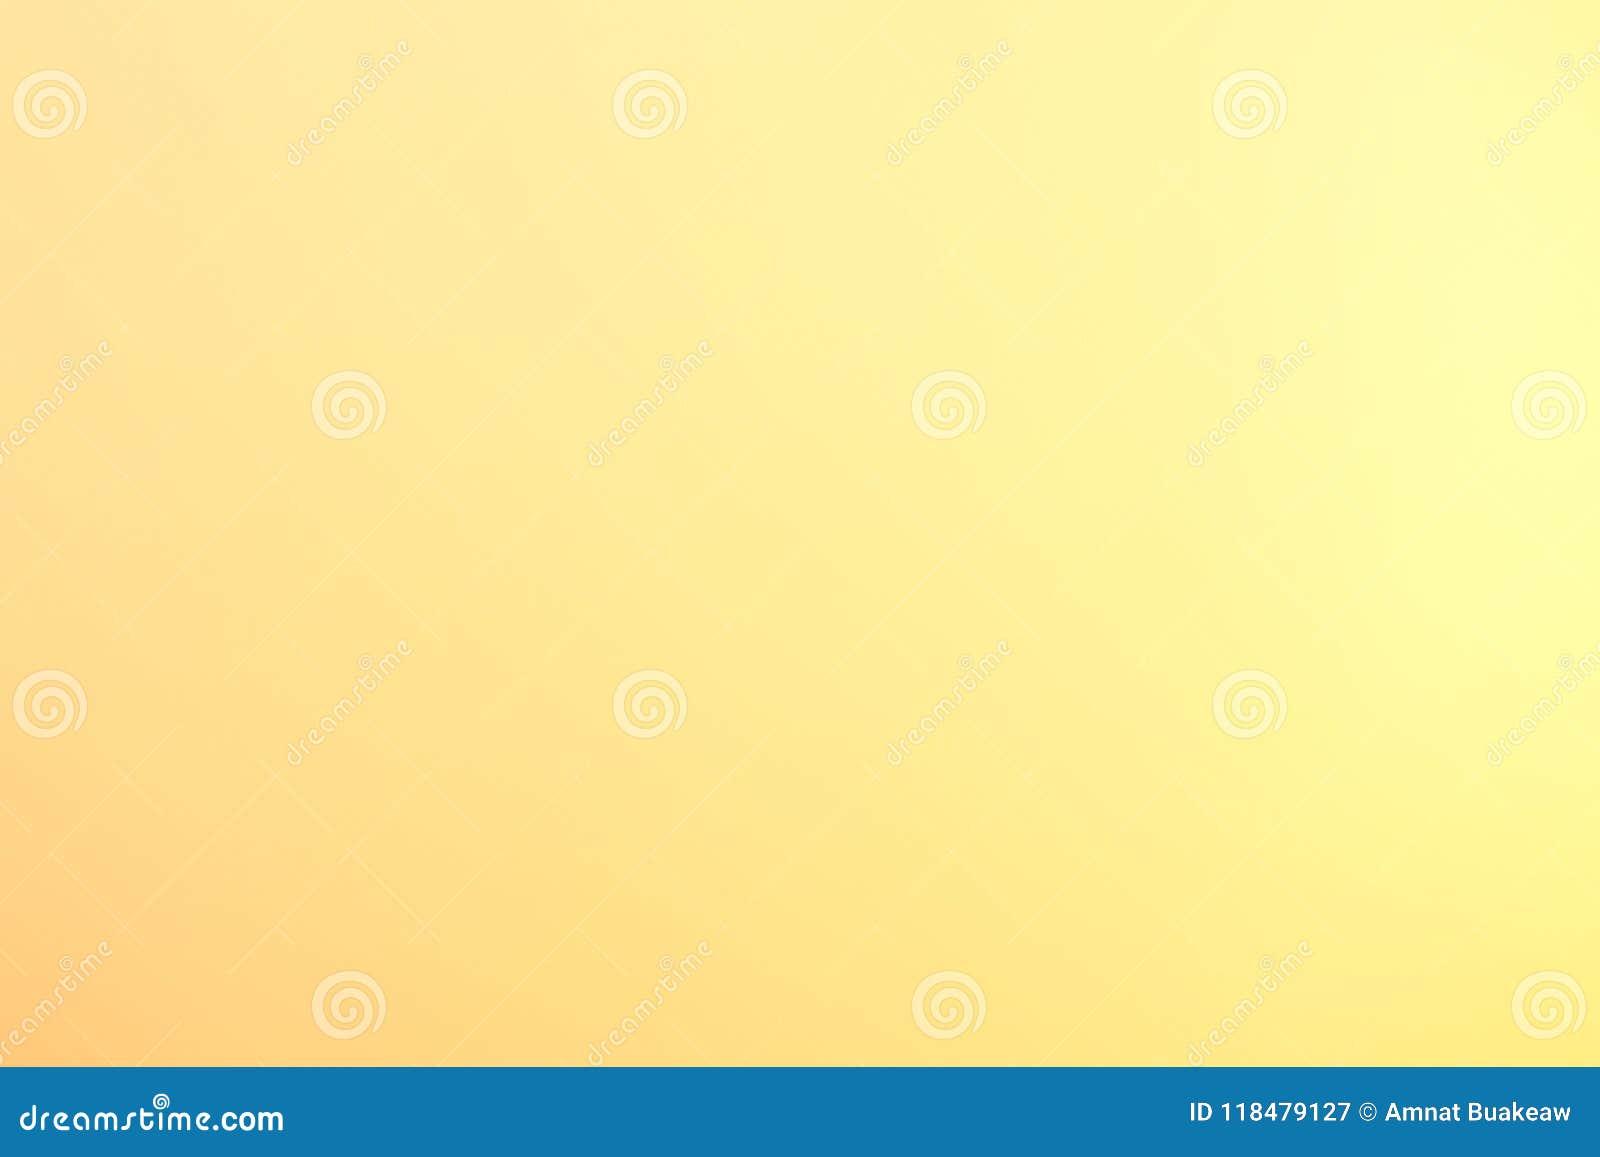 Luz suave do fundo - cor pastel obscura do ouro amarelo, textura brilhante da arte abstrato gráfica do inclinação do ouro amarelo